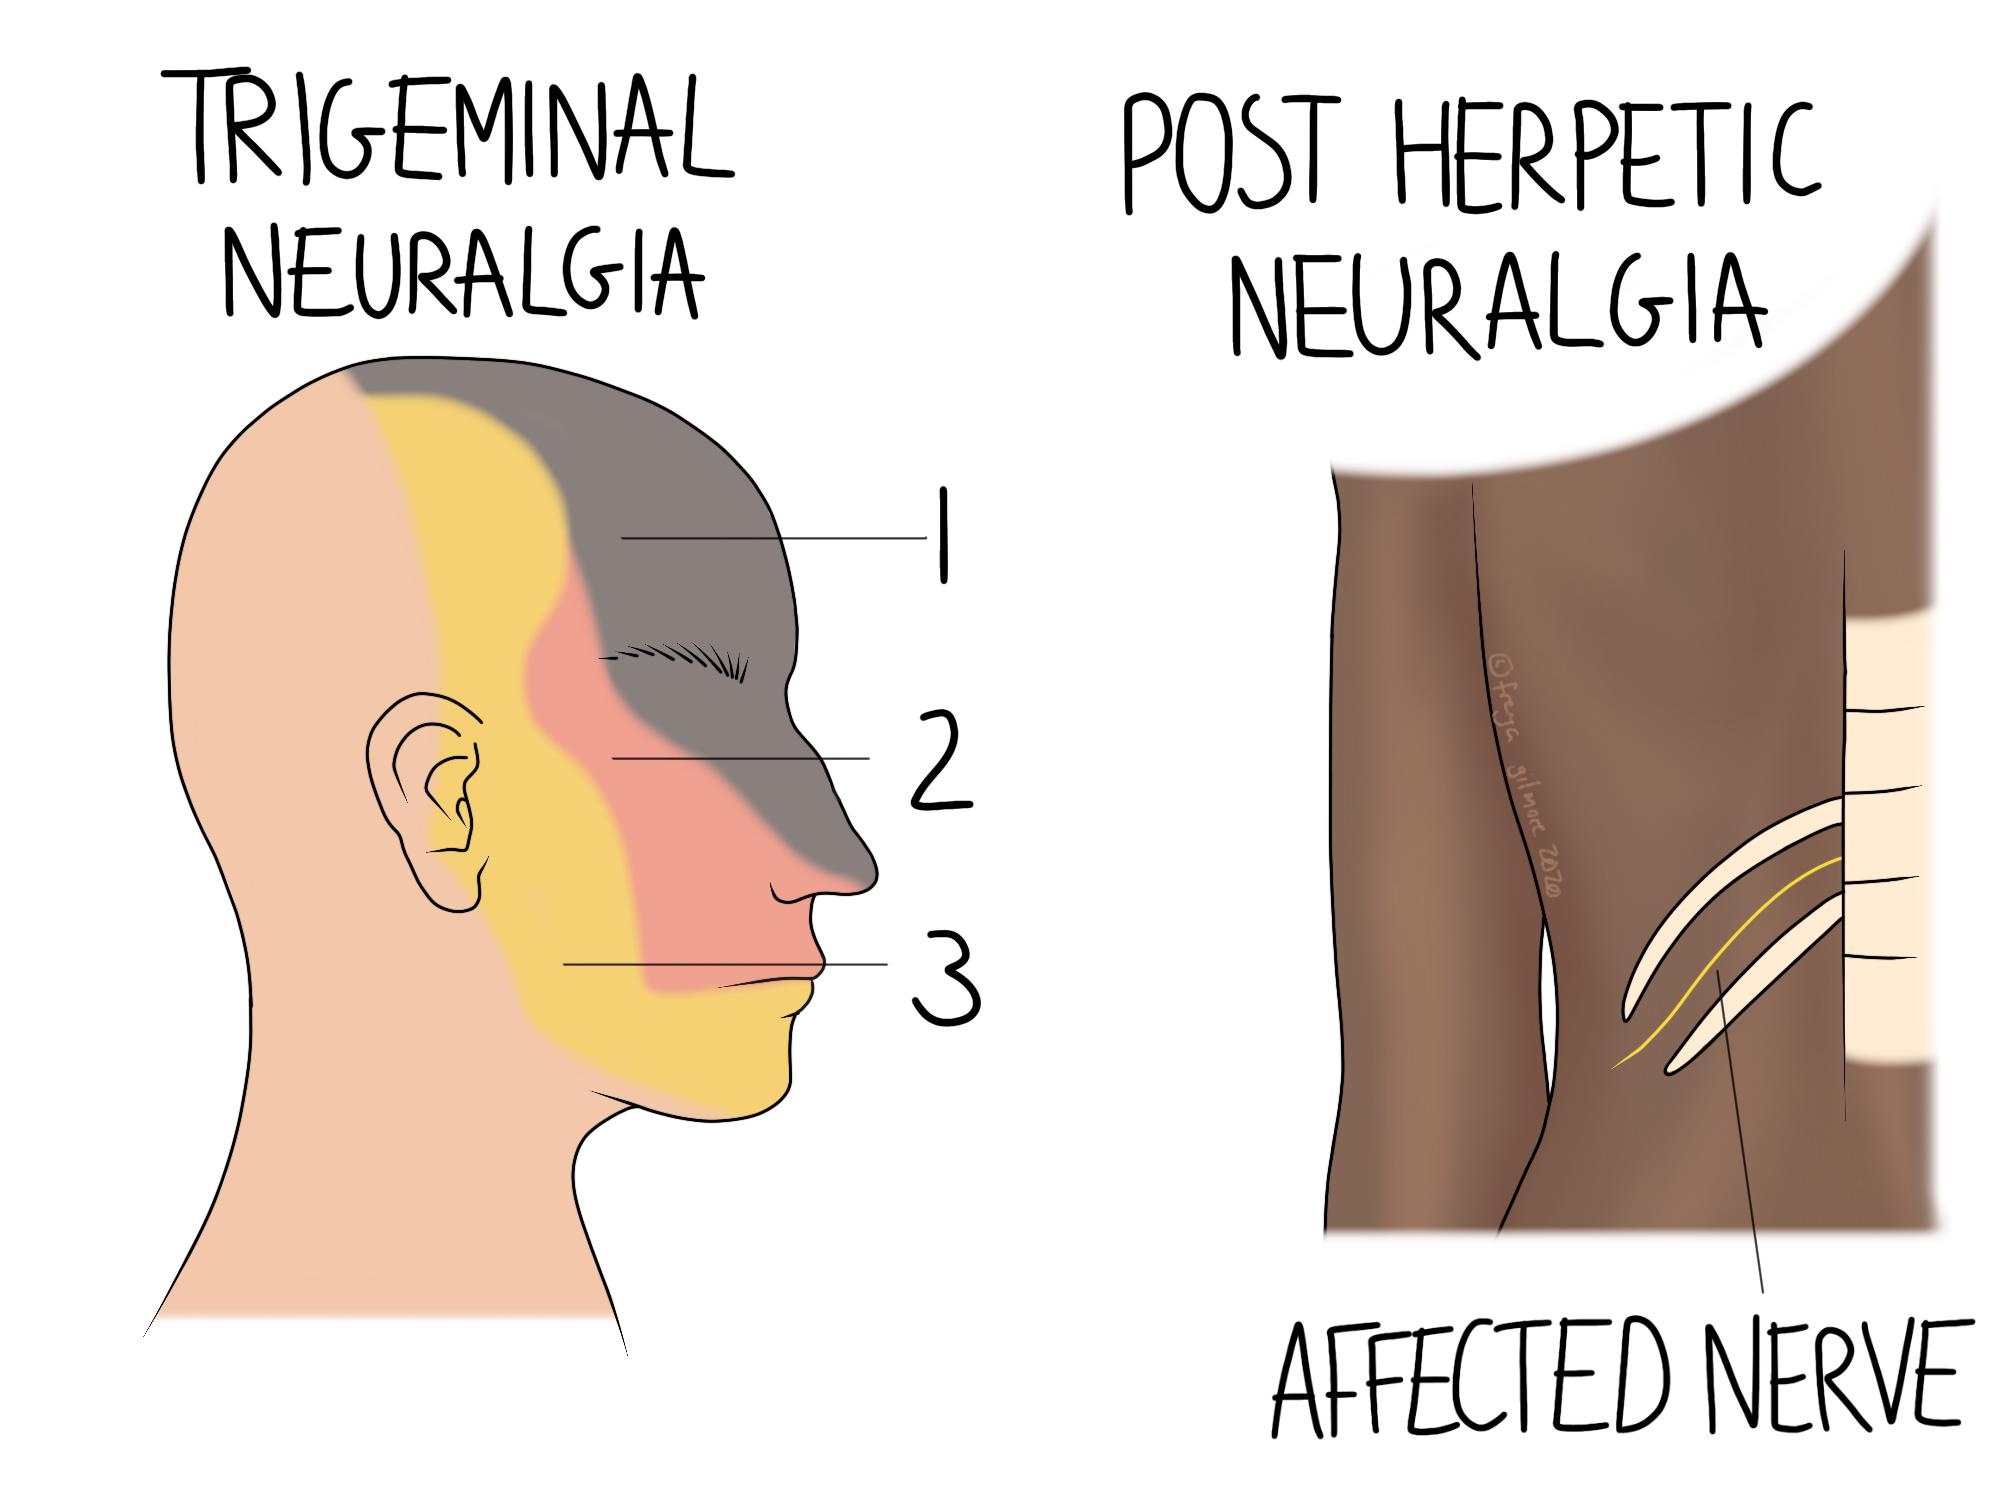 Two types of neuralgia